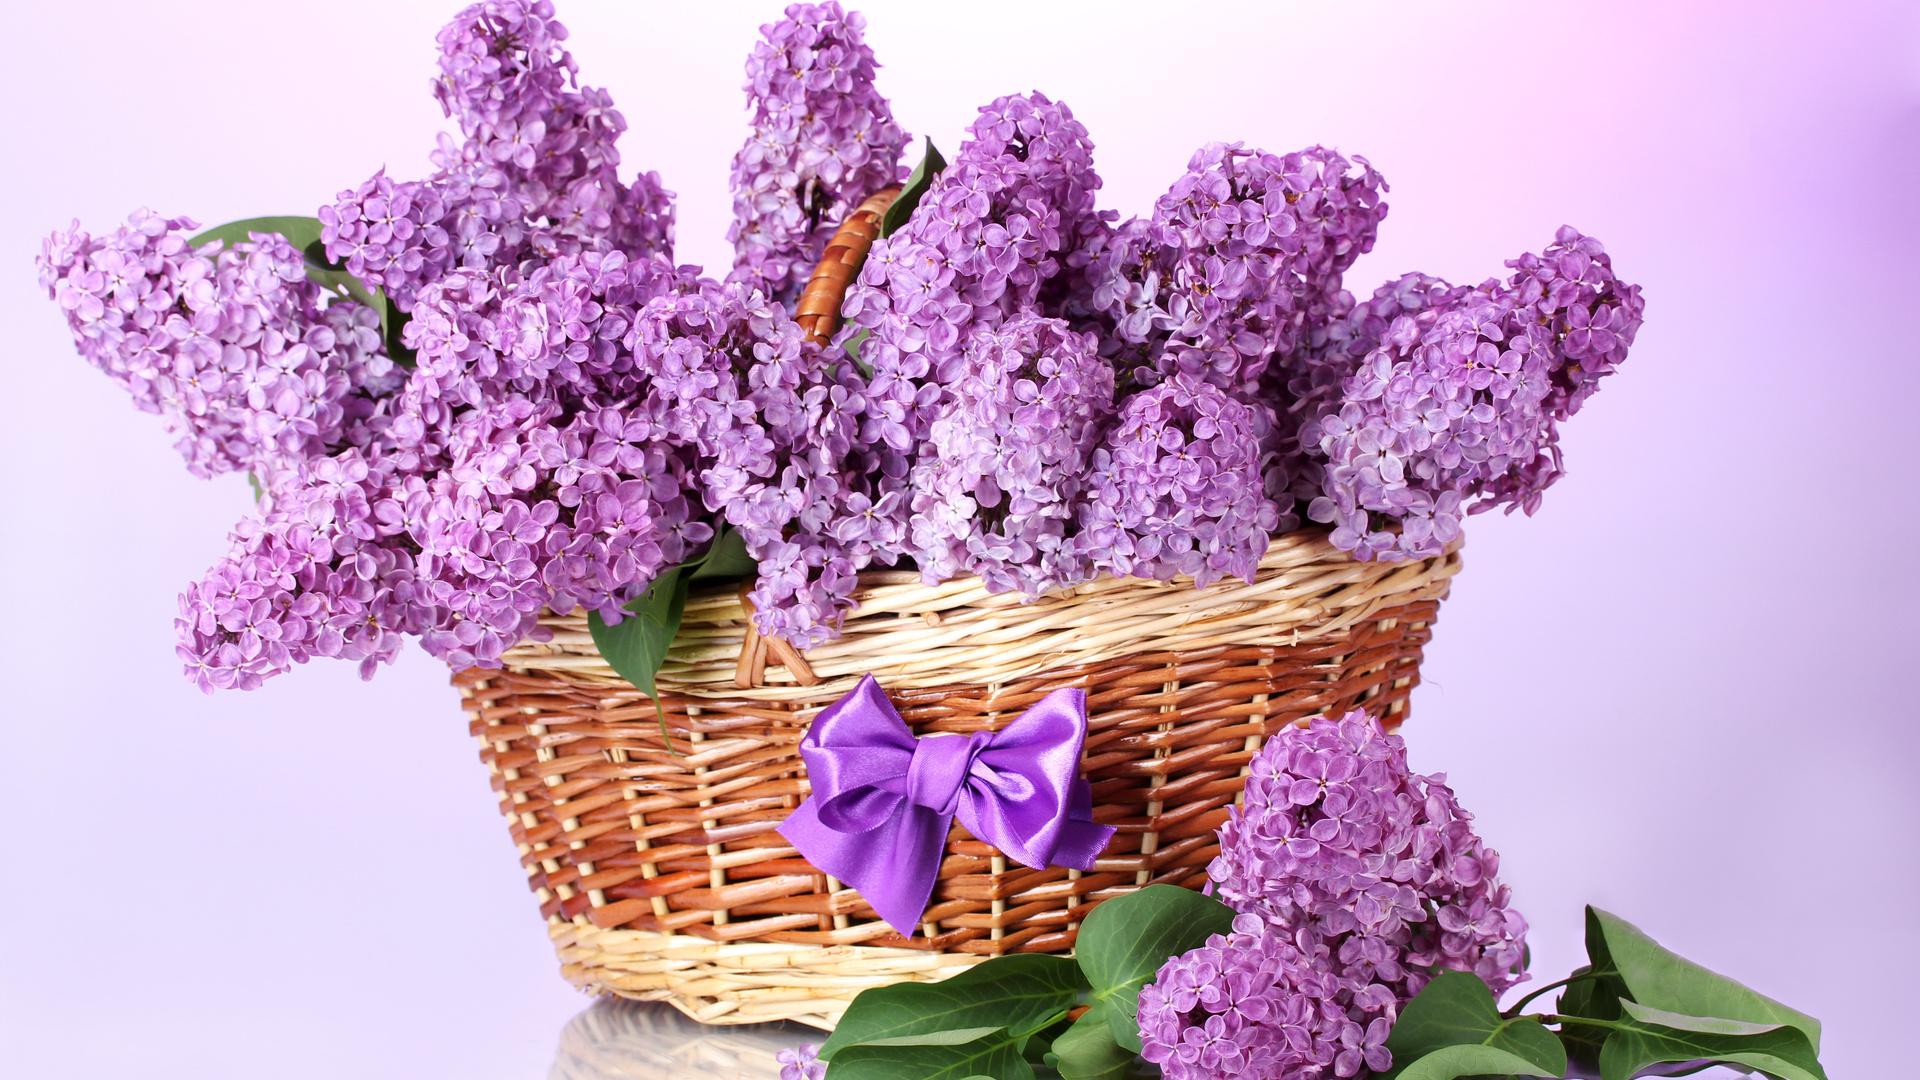 Цветы поздравление картинка, днем рождения ханума